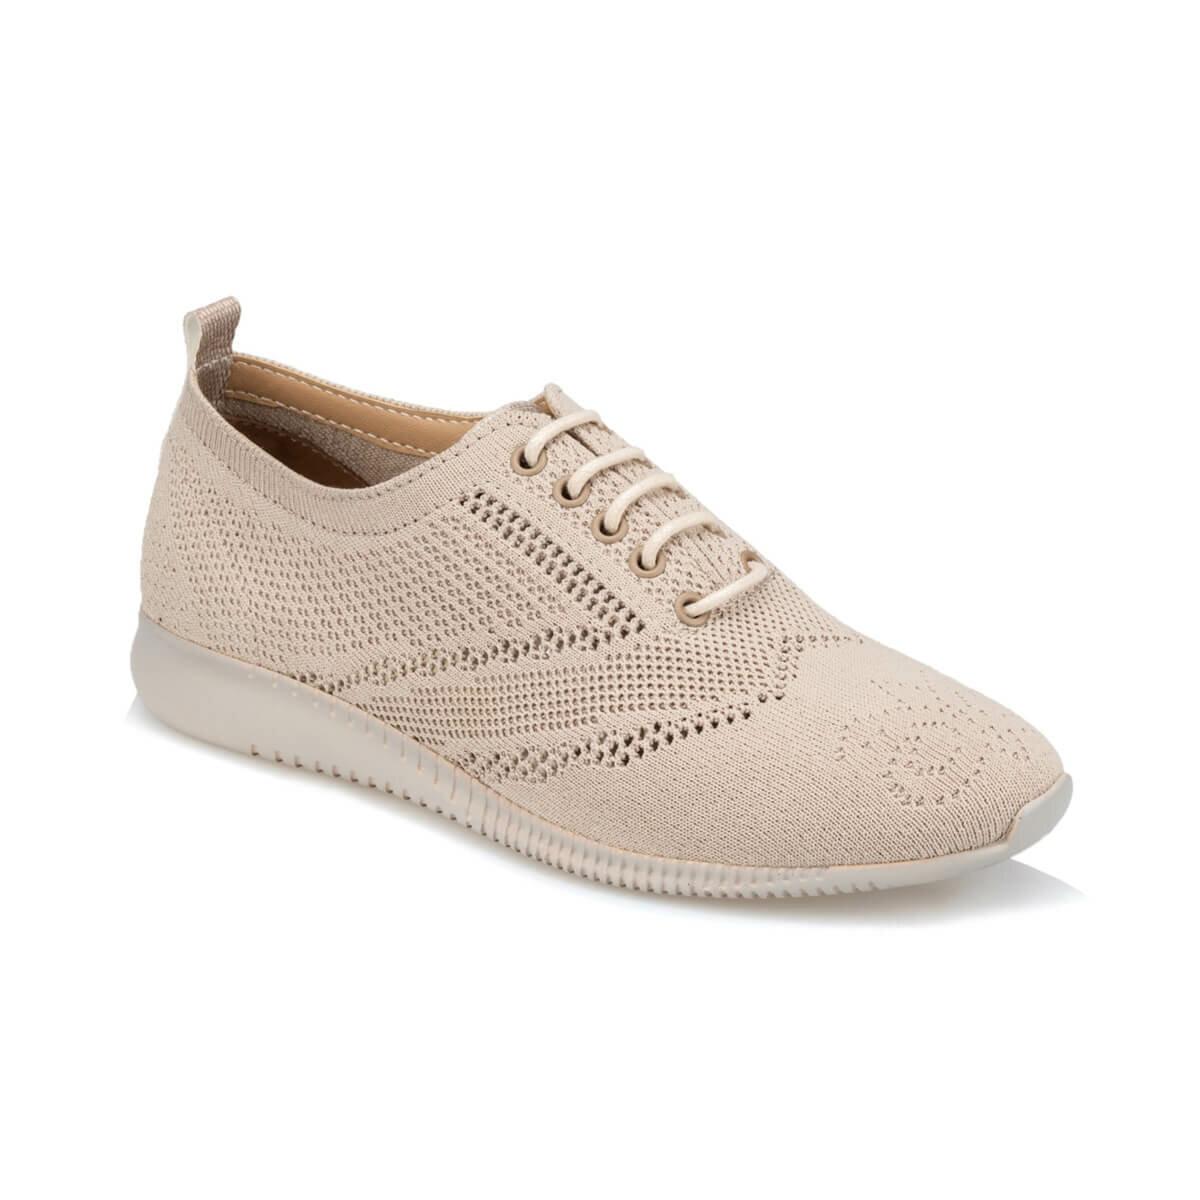 FLO TRV910045 Mink Women 'S Shoes Polaris